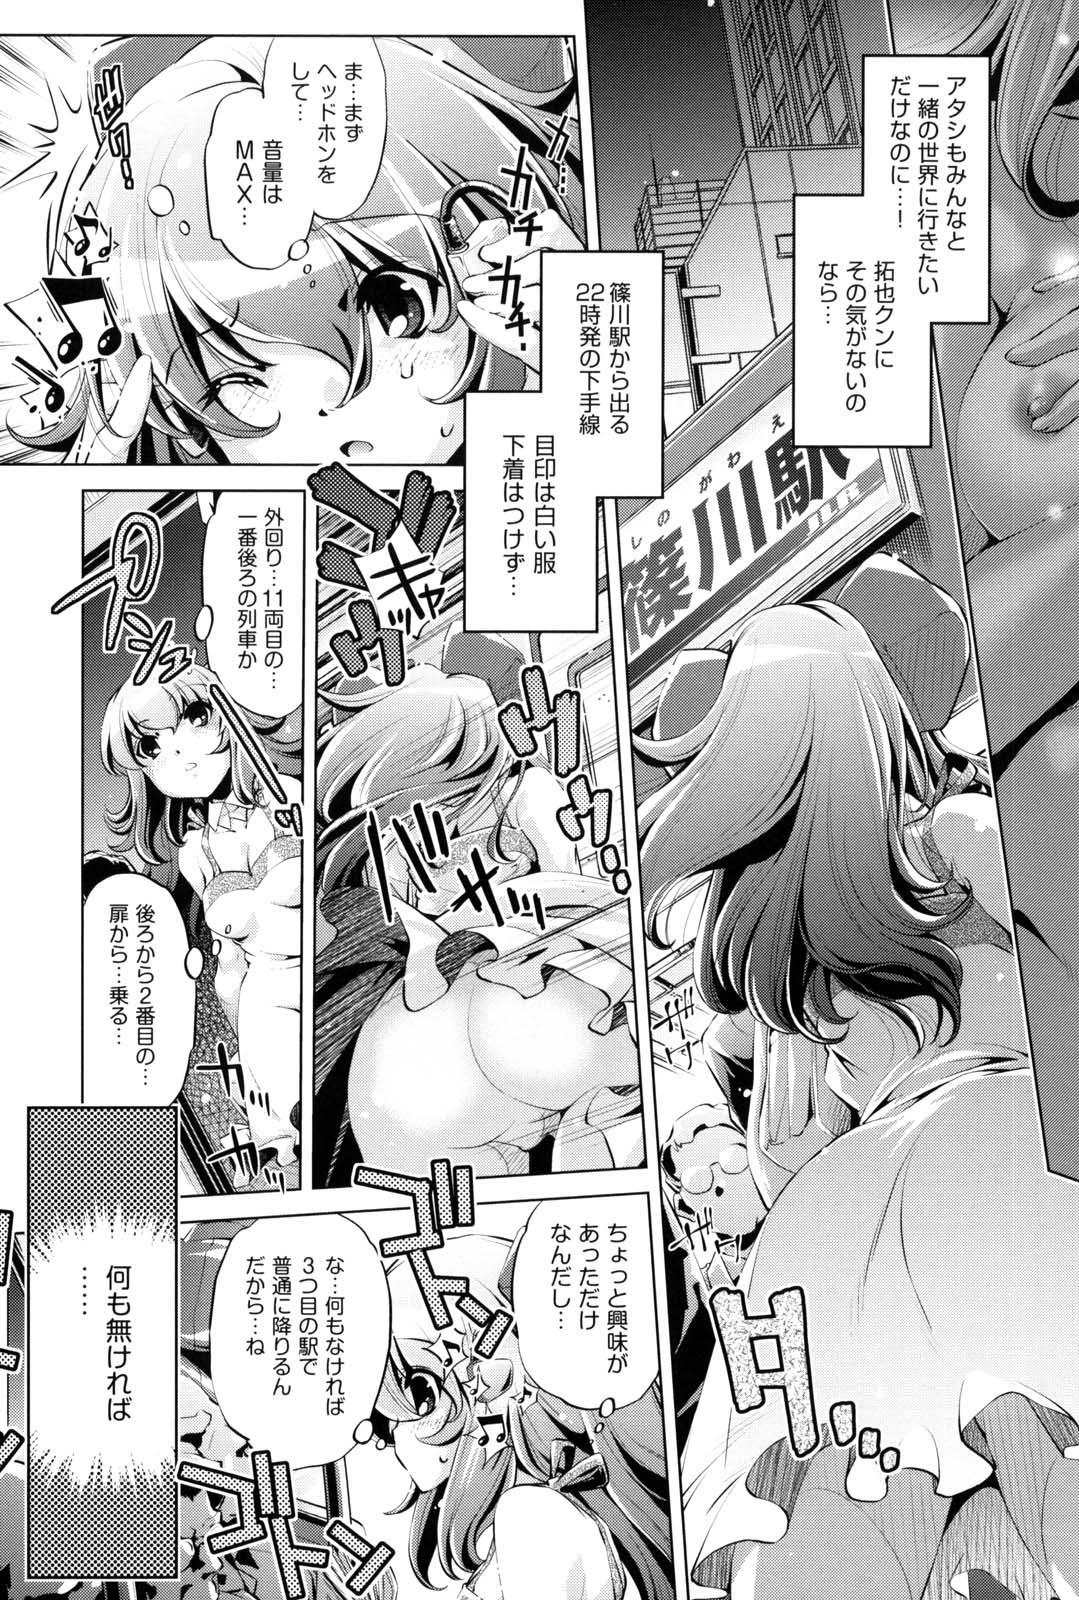 Kaisoku Chikan Densha 61